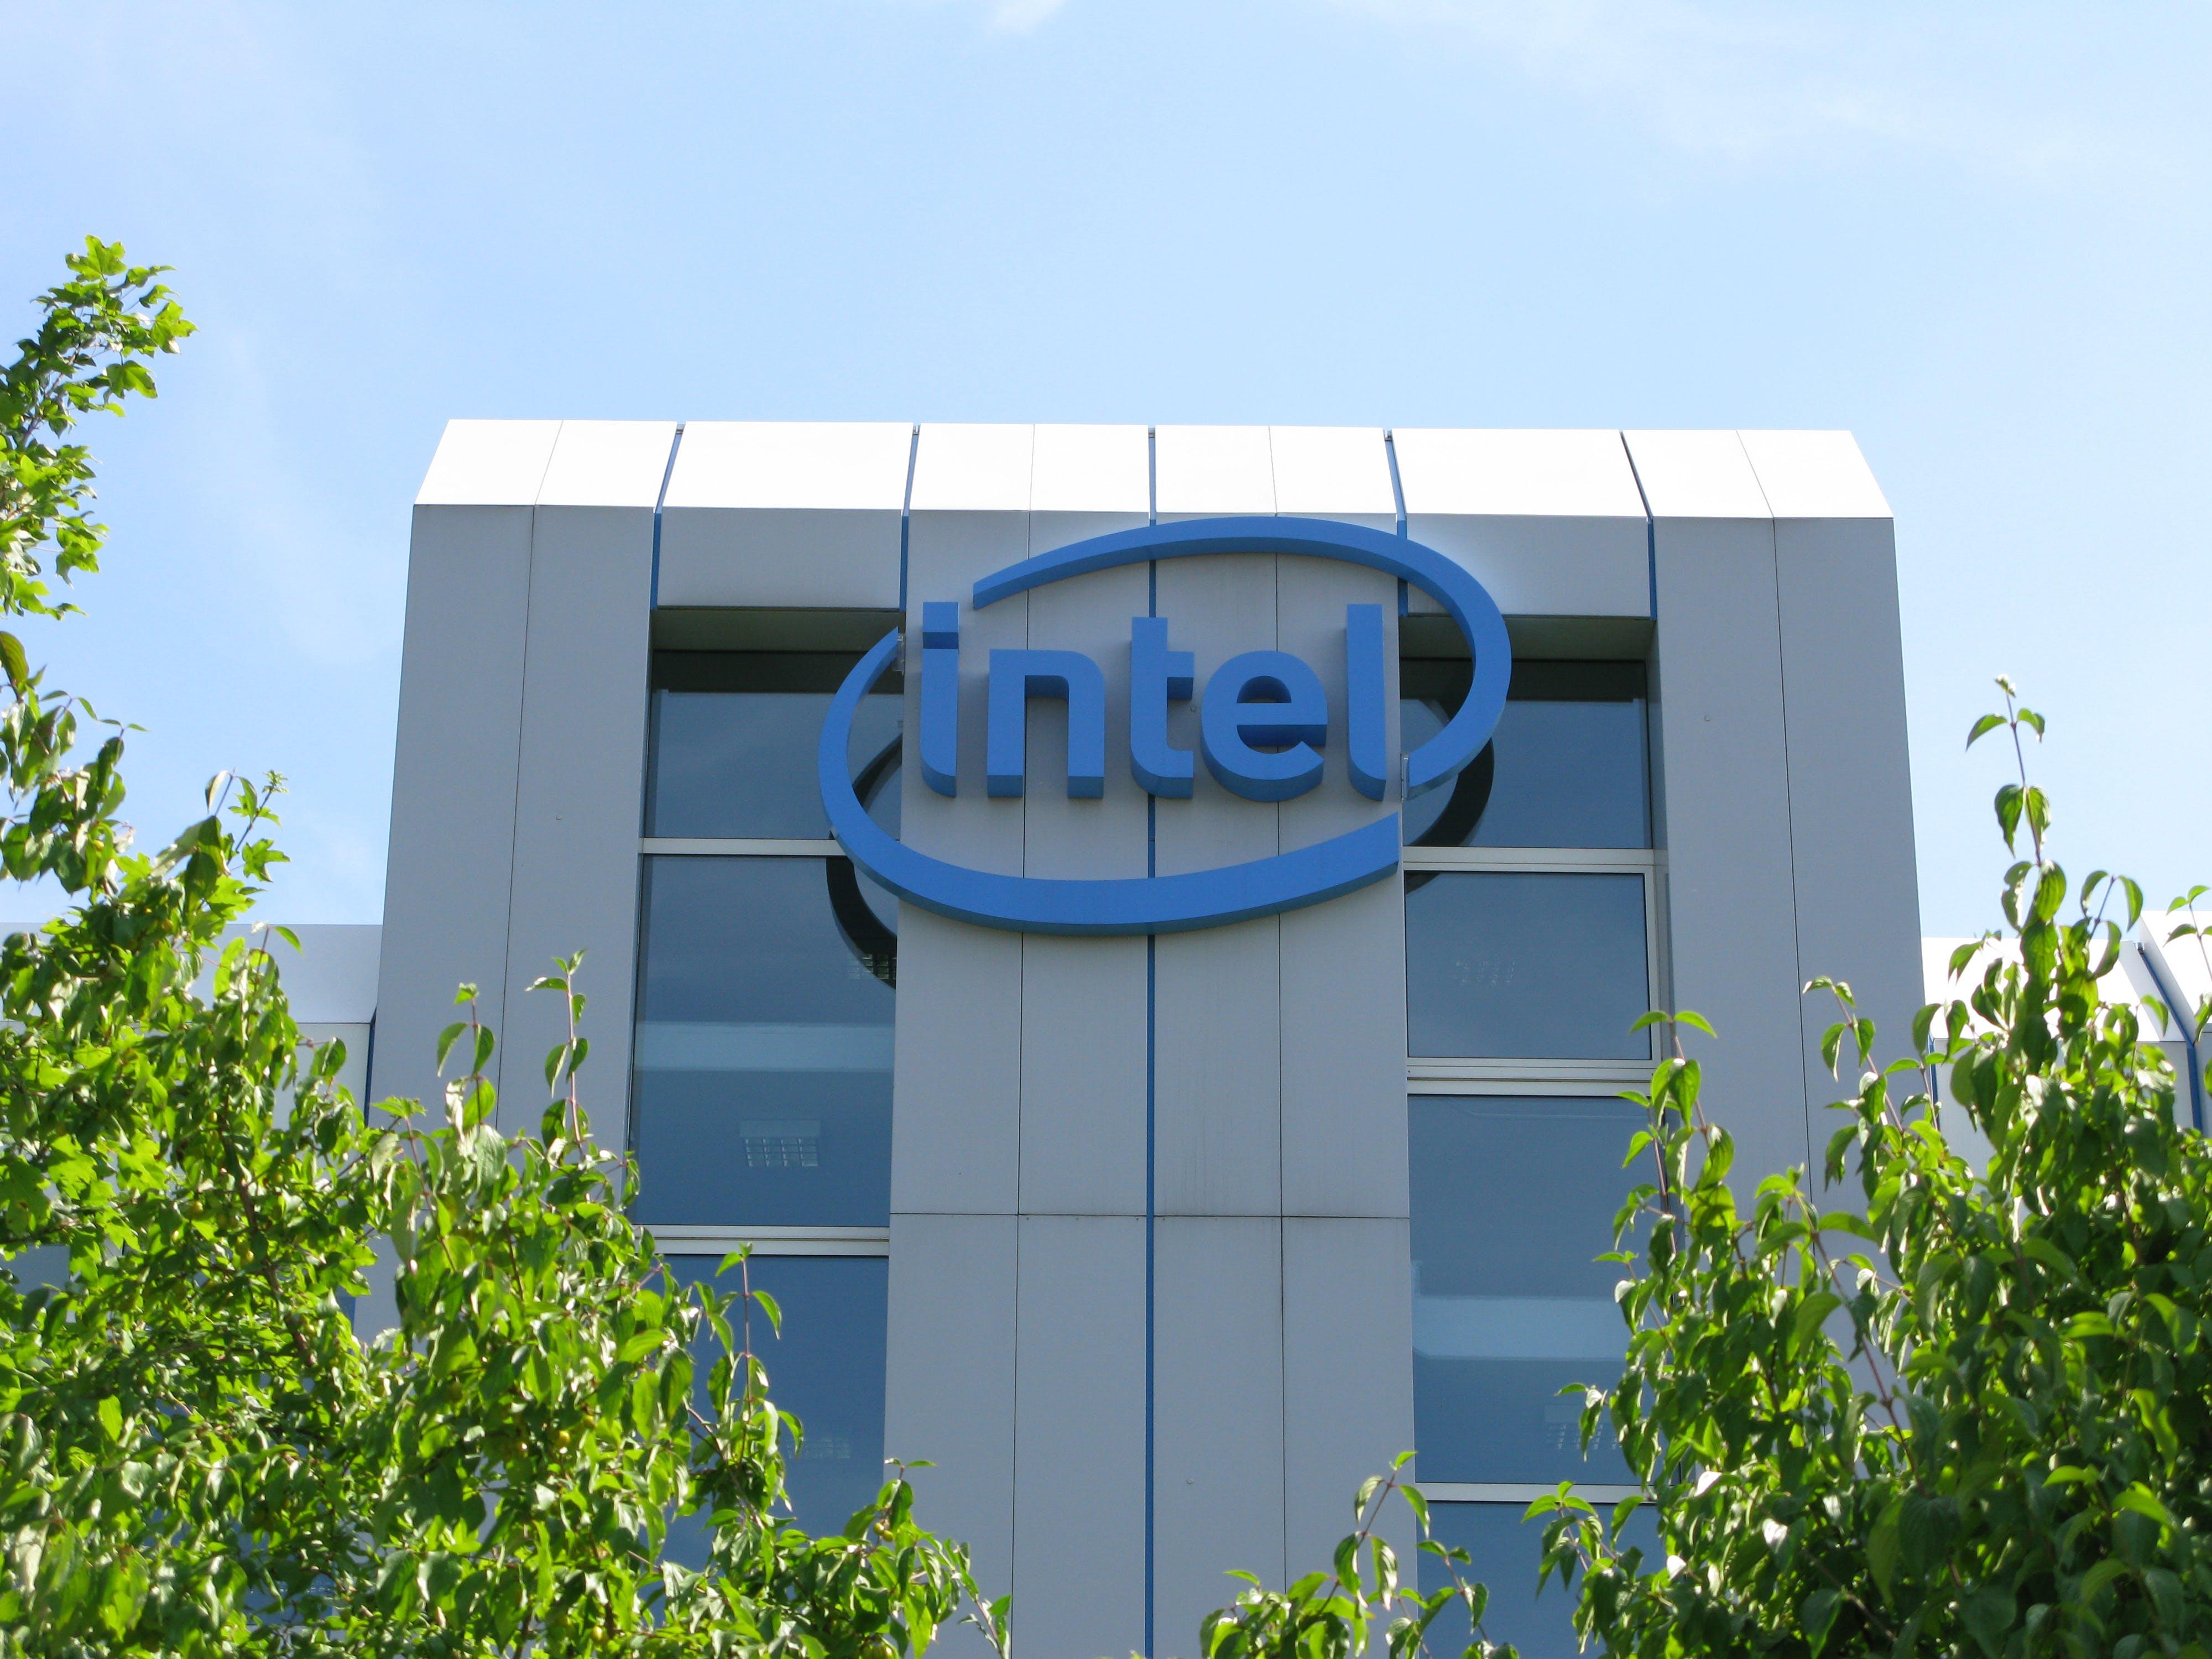 t3n-Daily-Kickoff: Intel entlässt 12.000 Mitarbeiter weltweit